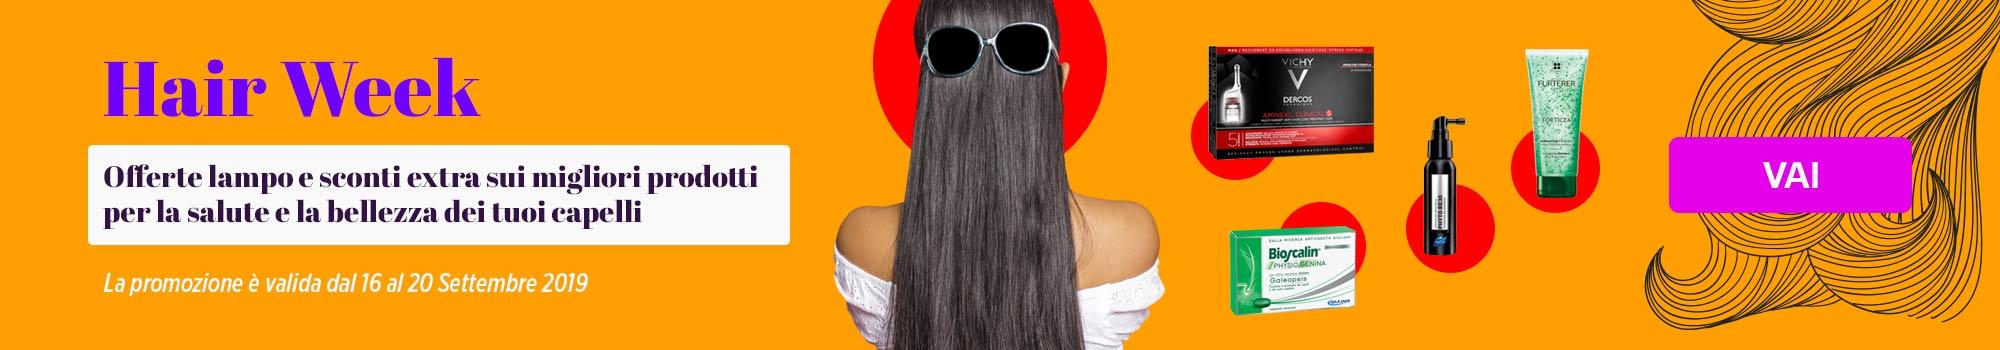 HAIR WEEK